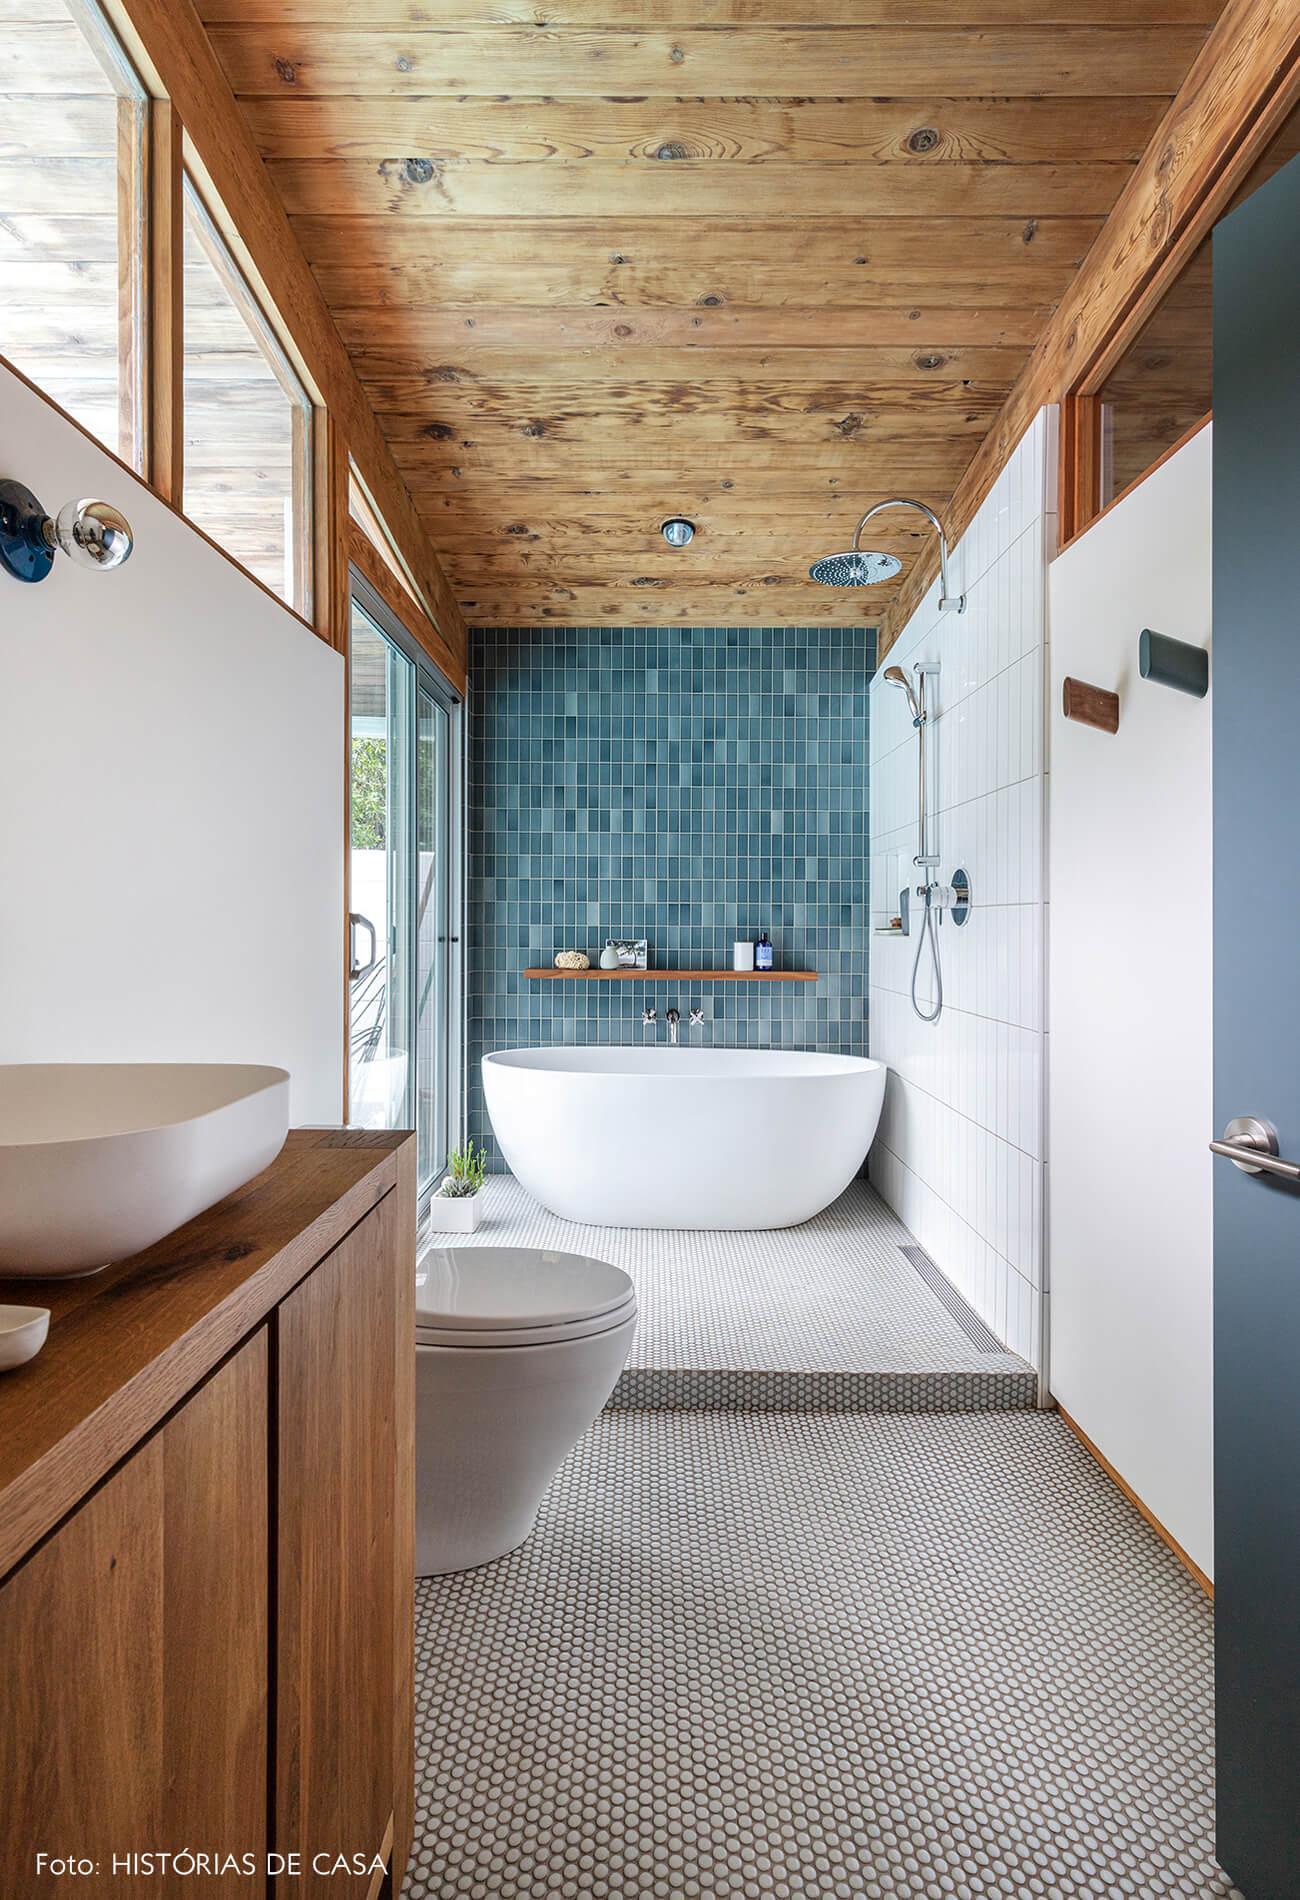 decoração casa de vidro e madeira e banheiro com azulejos azuis